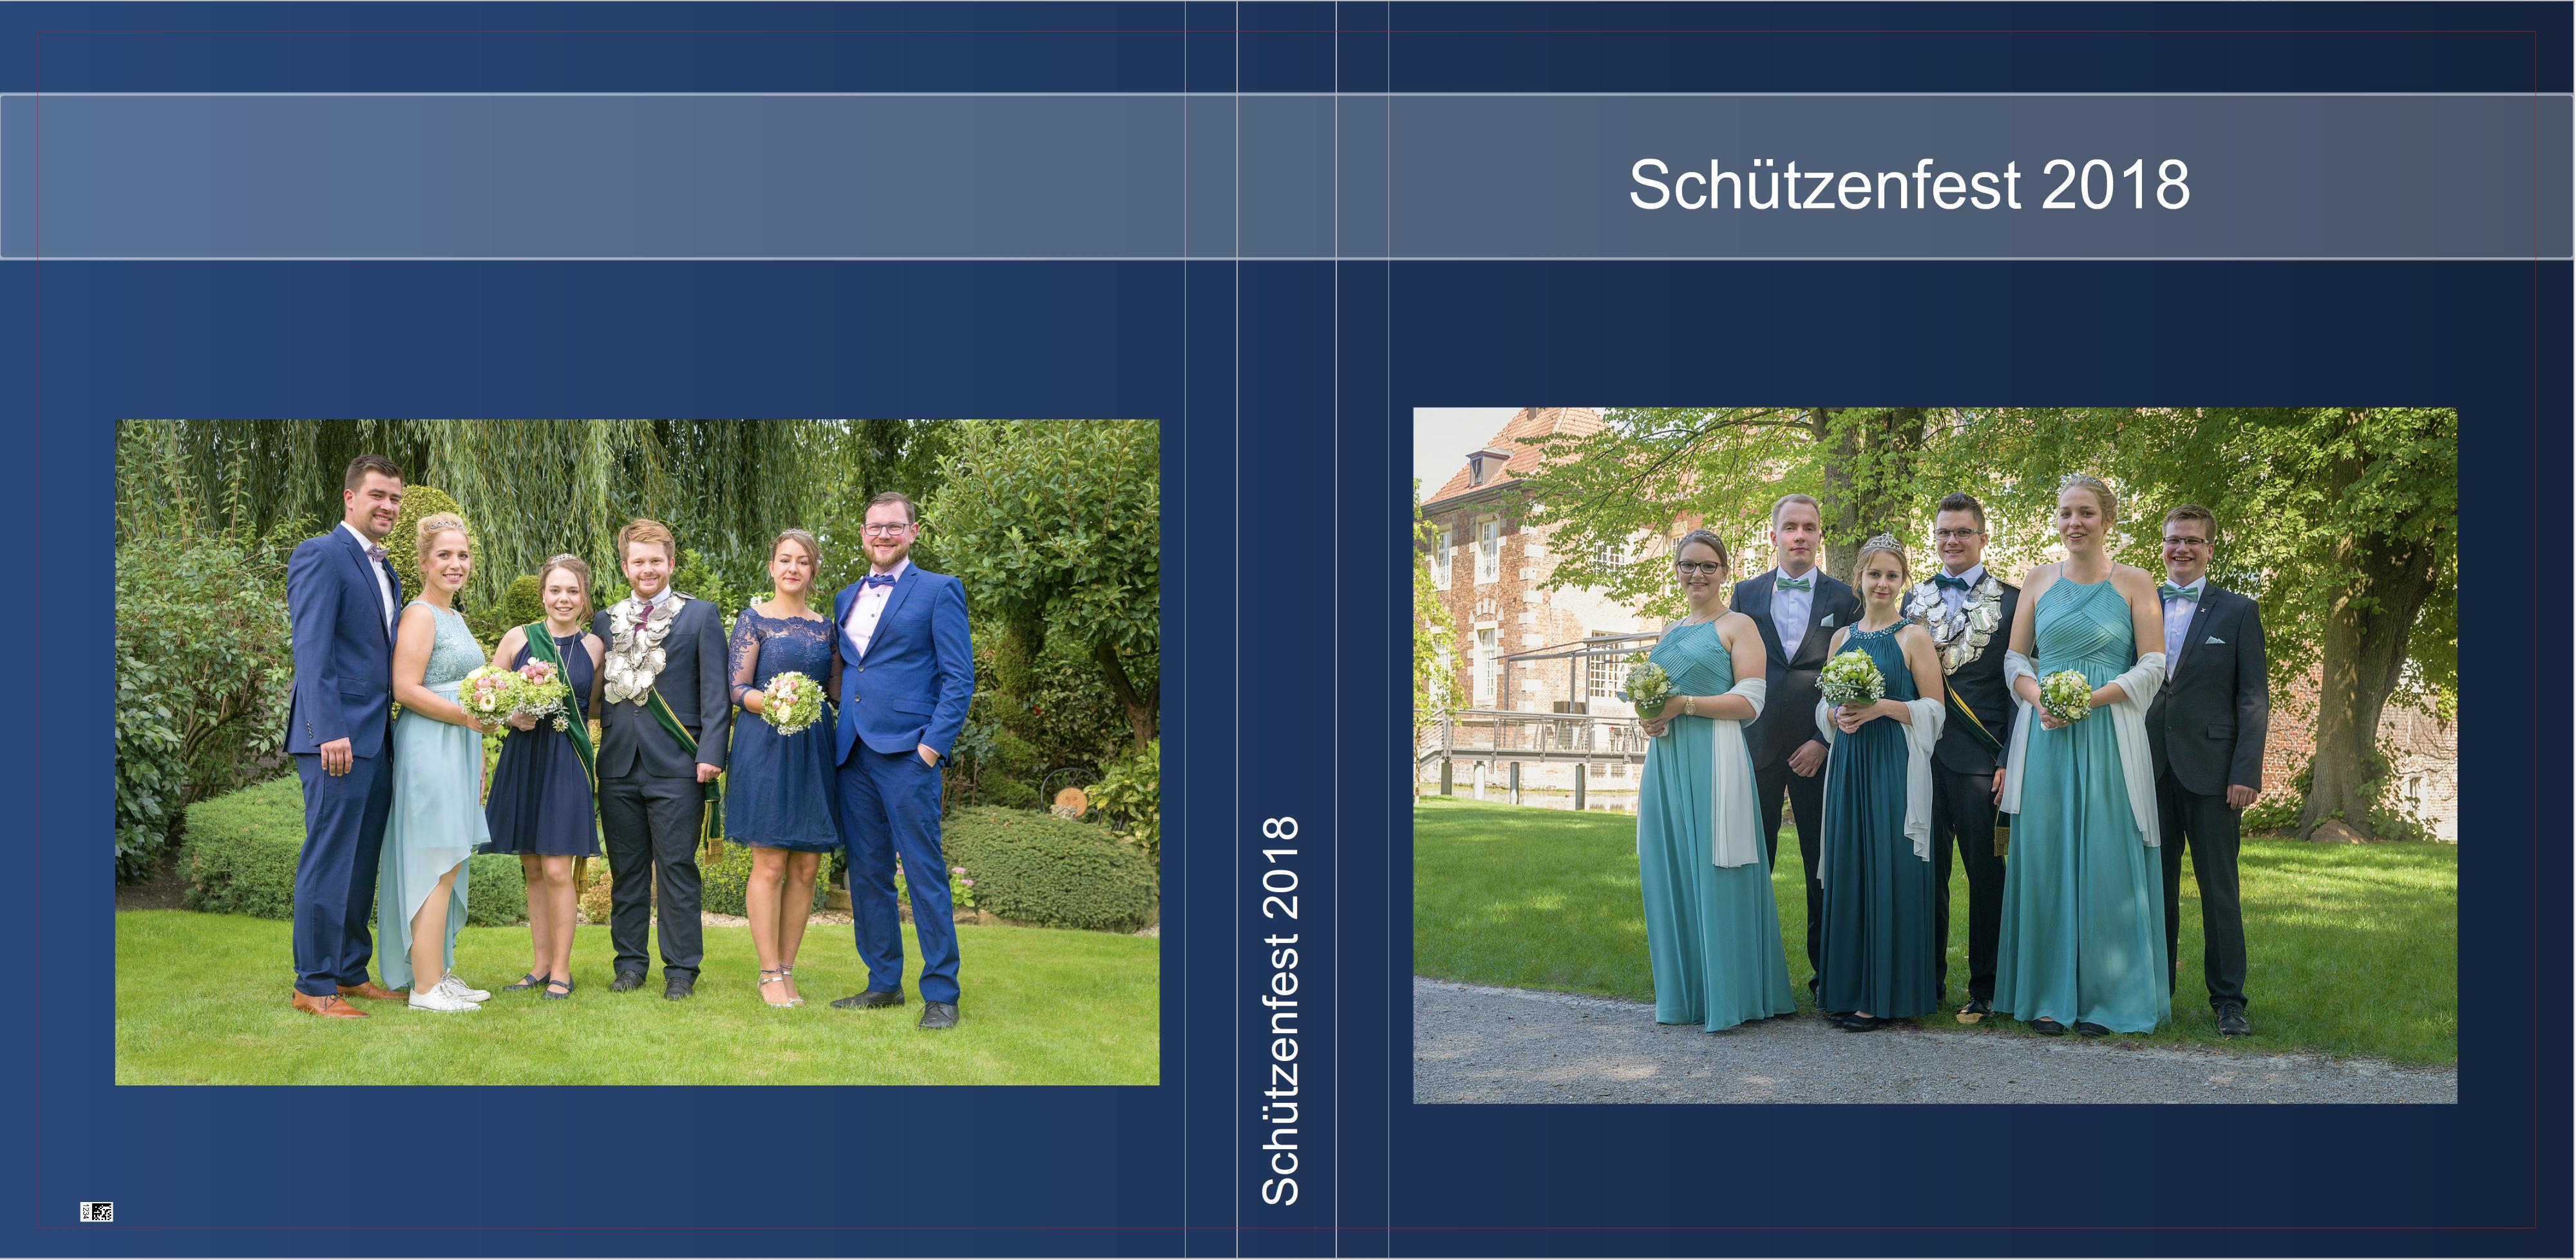 Fotobuch Schützenfest 2018